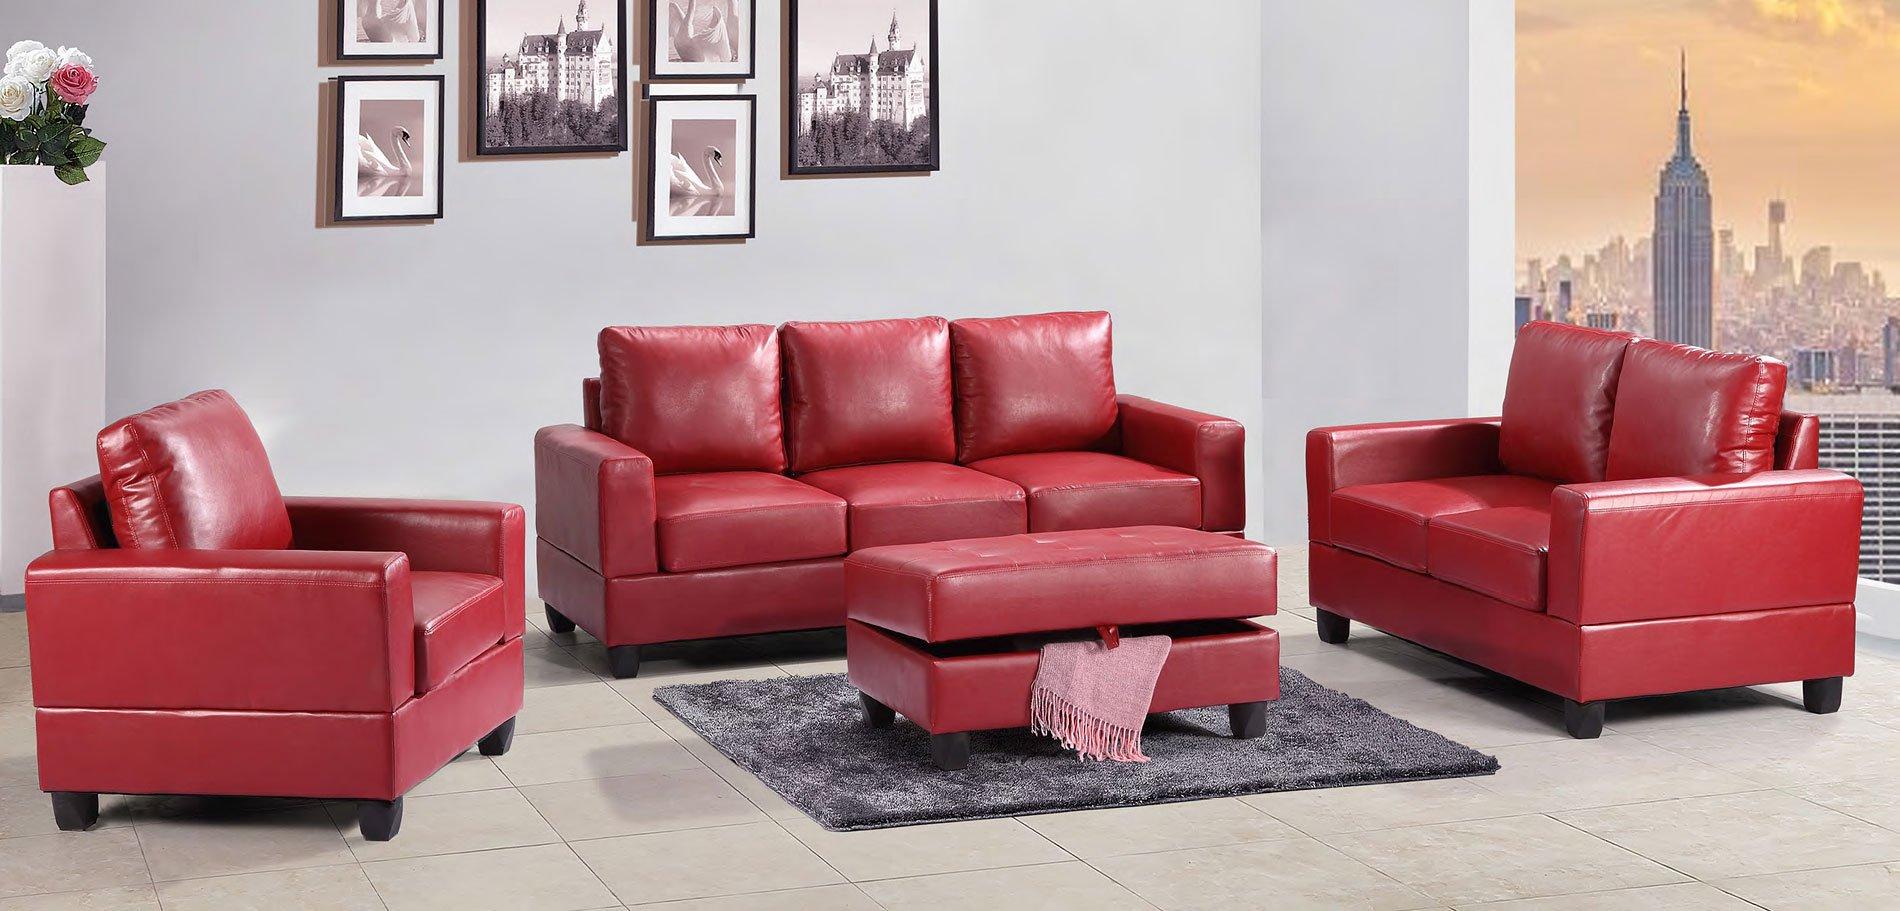 G309 Living Room Set Red Living Room Furniture Living